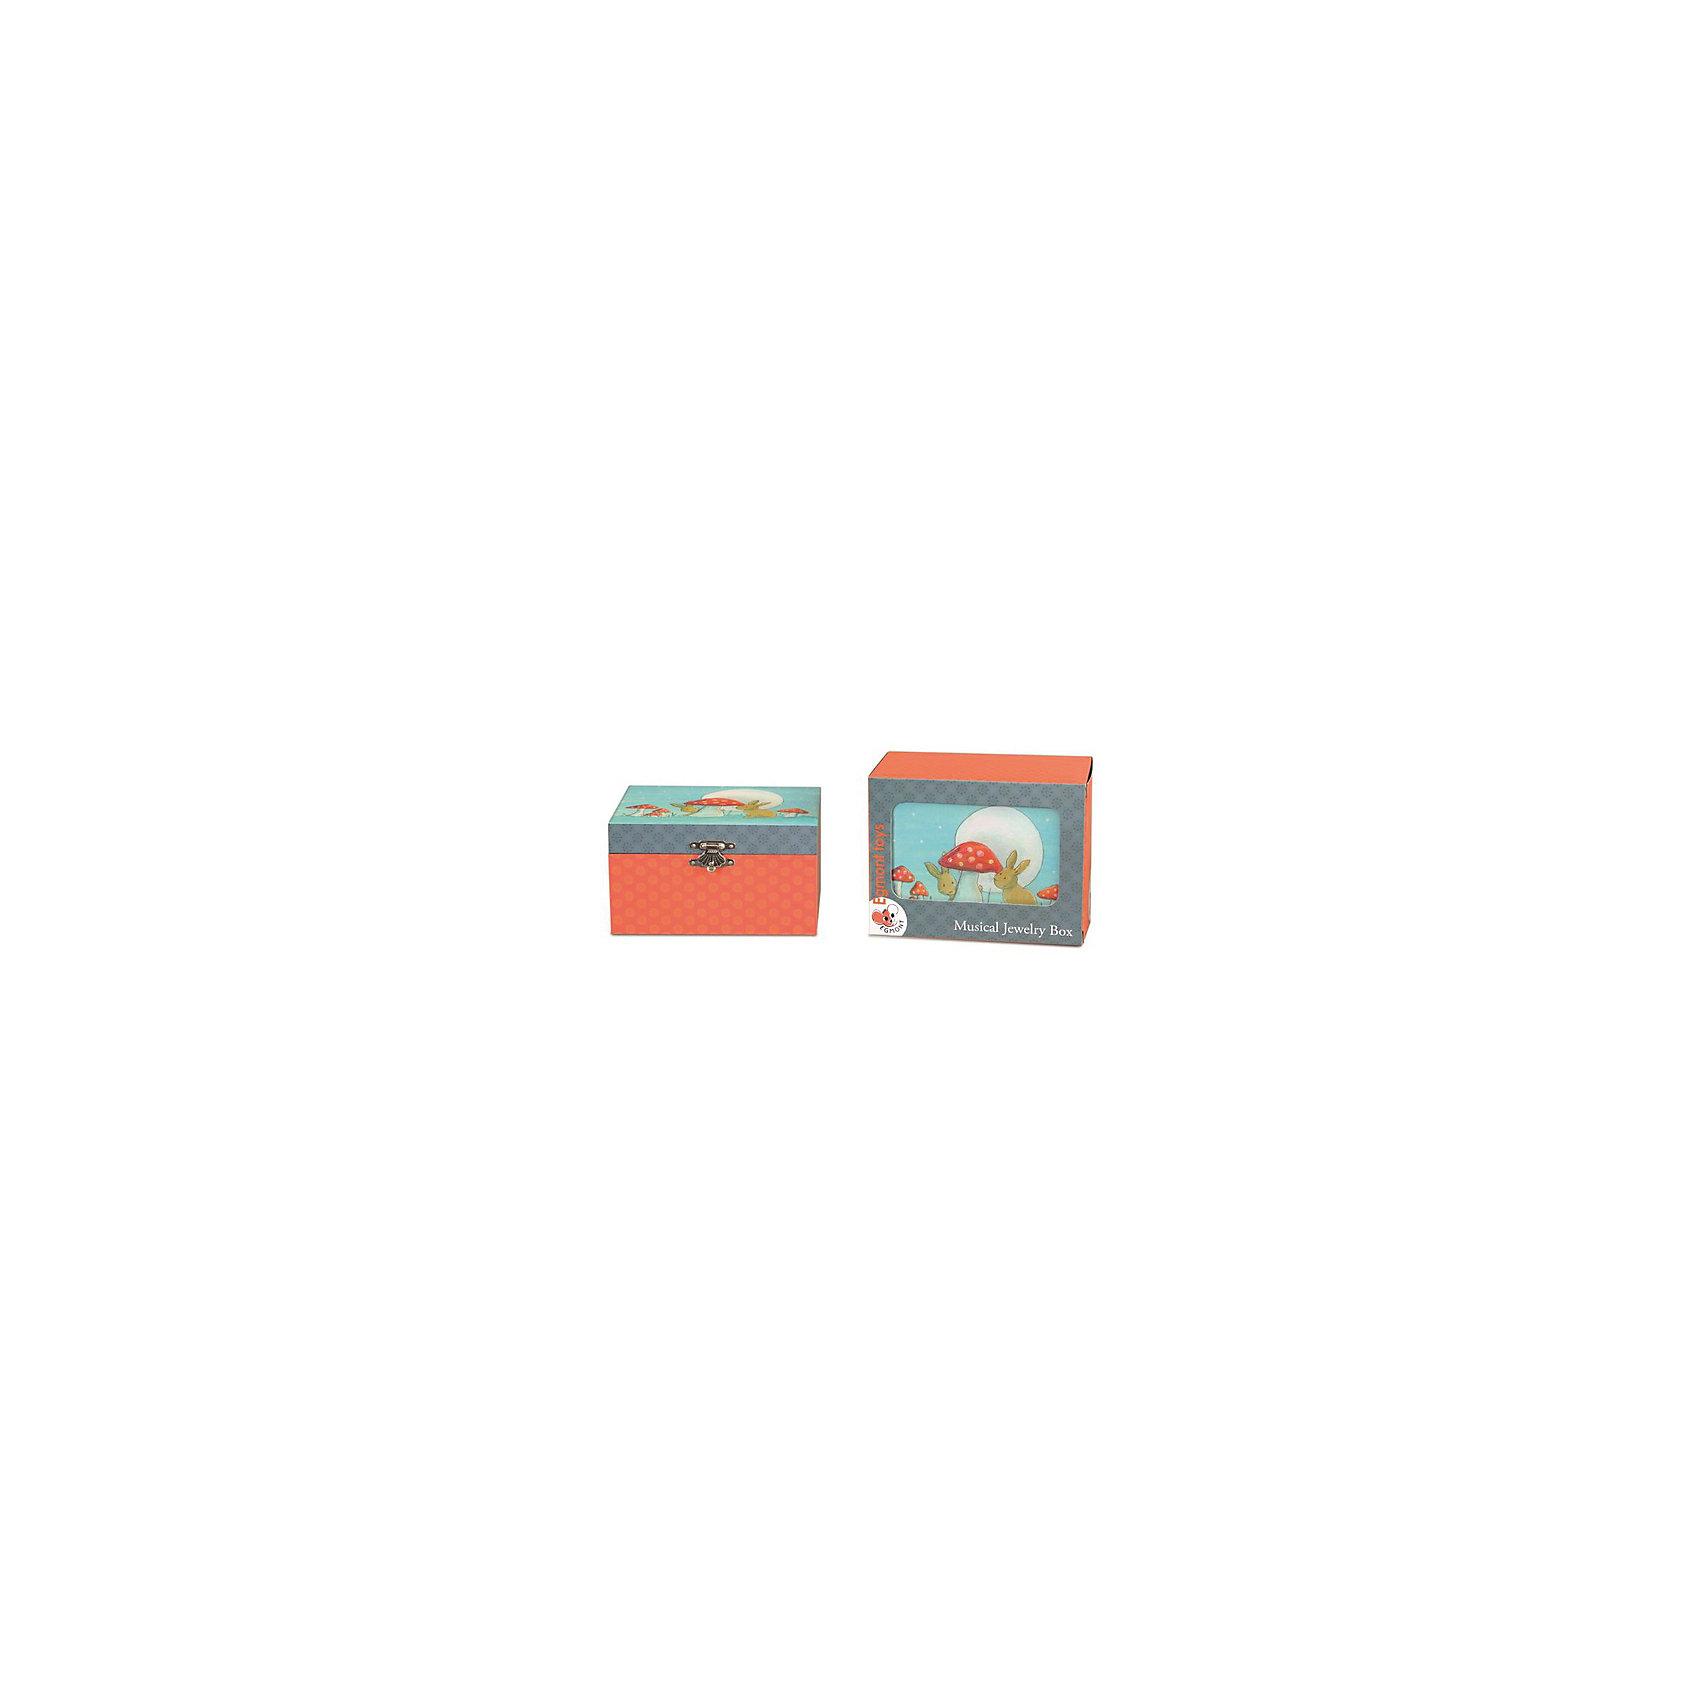 Музыкальная шкатулка Кролик, EgmontПредметы интерьера<br>Музыкальная шкатулка Кролик, Egmont<br><br>Характеристики:<br><br>• Возраст: от 3 лет<br>• Цвет: красный, синий<br>• Материал: дерево, металл, пластик, стекло<br>• Размер: 15x10x9 см<br>• На батарейках<br><br>Красивая и нежная шкатулка подарит настоящее наслаждение для ребенка. Открывая крышечку, балерина, живущая в шкатулке, начинает танцевать под красивую мелодию. В шкатулке можно хранить детские украшения или маленькие секретики. Шкатулка сделана из качественного материала и полностью безопасна для ребенка. <br><br>Музыкальная шкатулка Кролик, Egmont можно купить в нашем интернет-магазине.<br><br>Ширина мм: 150<br>Глубина мм: 100<br>Высота мм: 90<br>Вес г: 300<br>Возраст от месяцев: 36<br>Возраст до месяцев: 1188<br>Пол: Унисекс<br>Возраст: Детский<br>SKU: 5163423